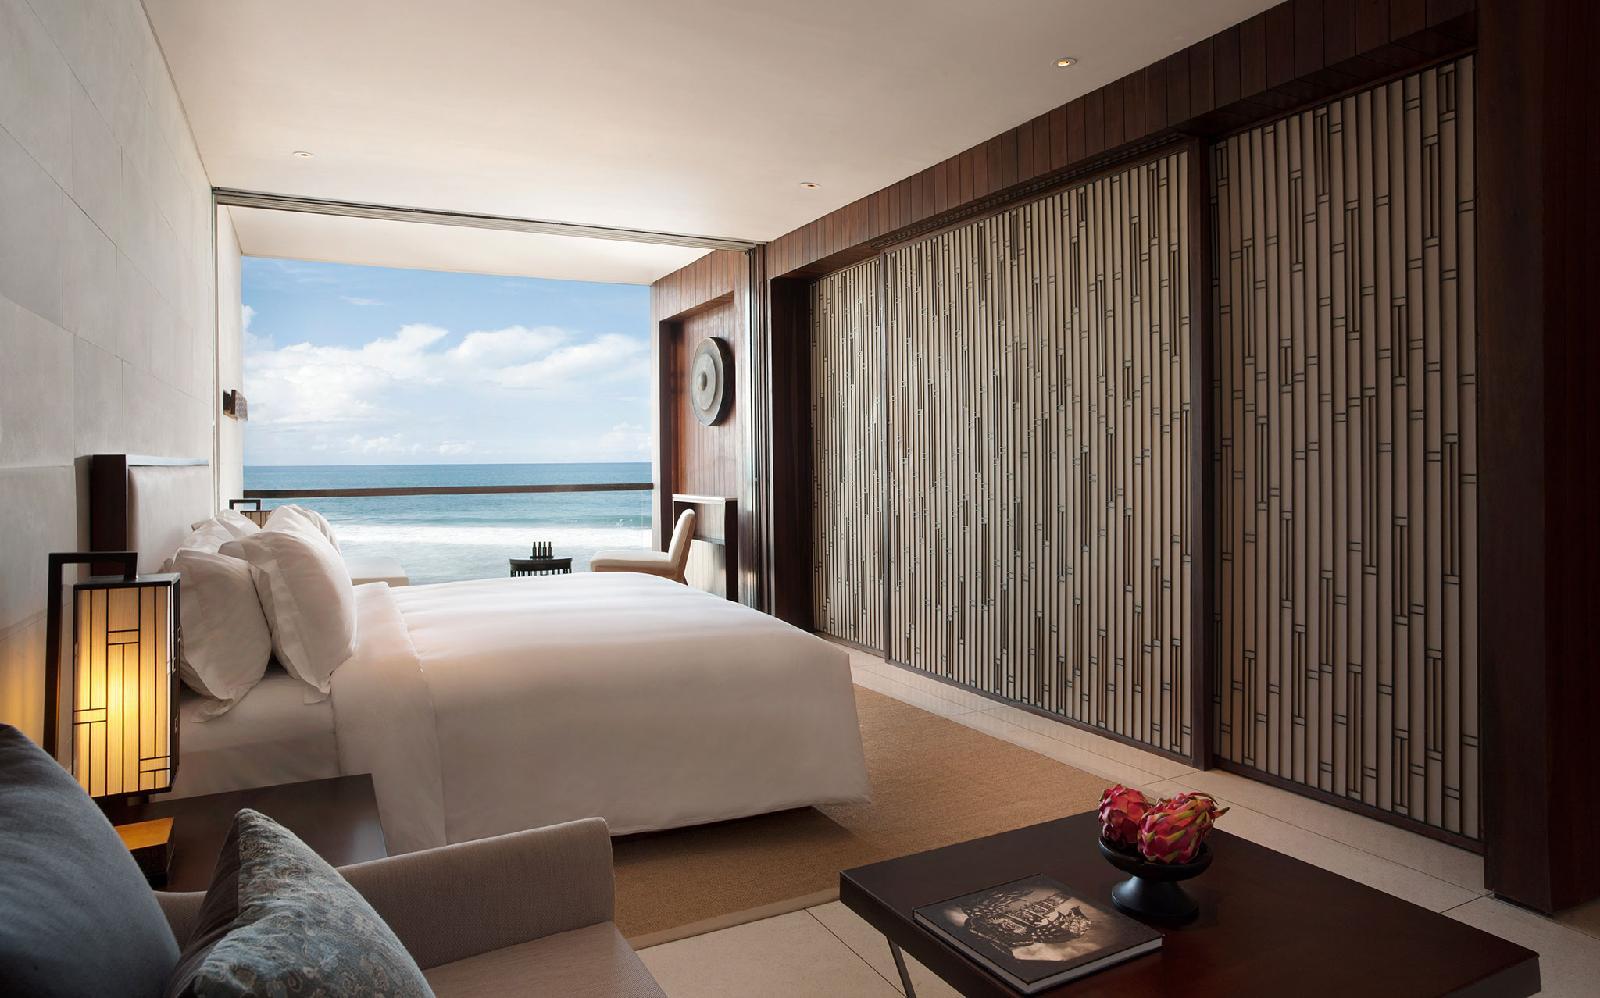 Alila Seminyak Bali Image 4